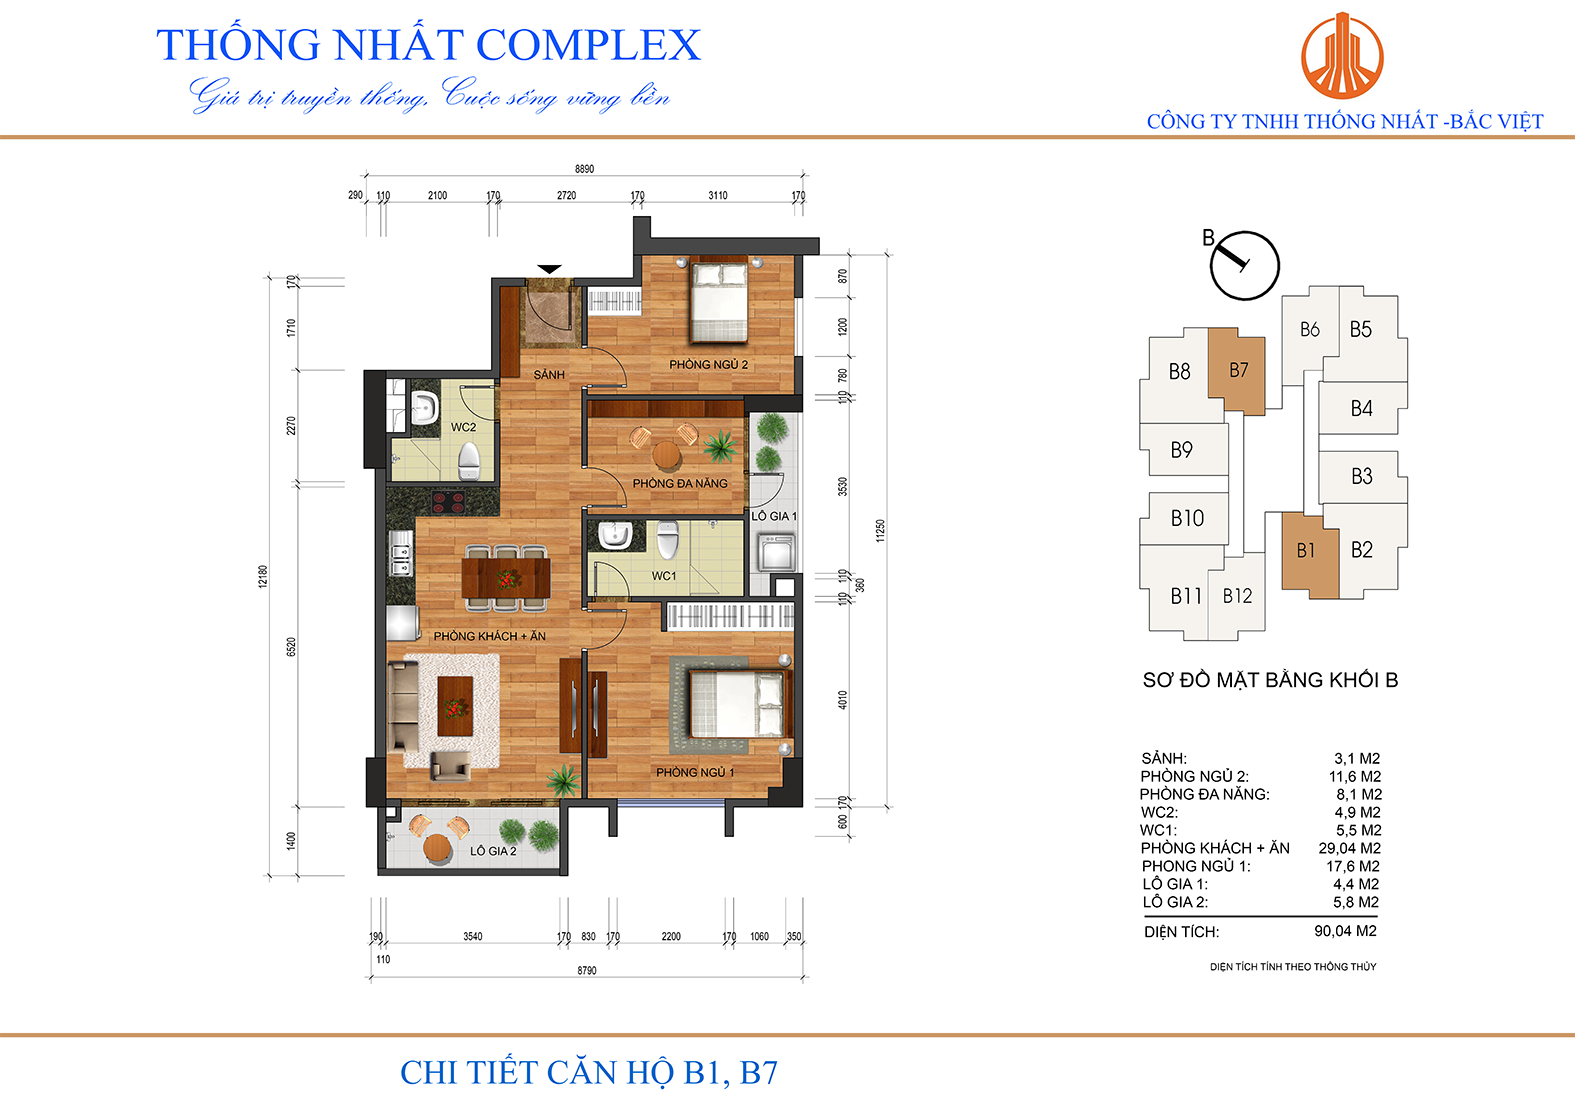 Thiết kế mặt bằng chi tiết căn hộ 90m2 Thống Nhất Complex